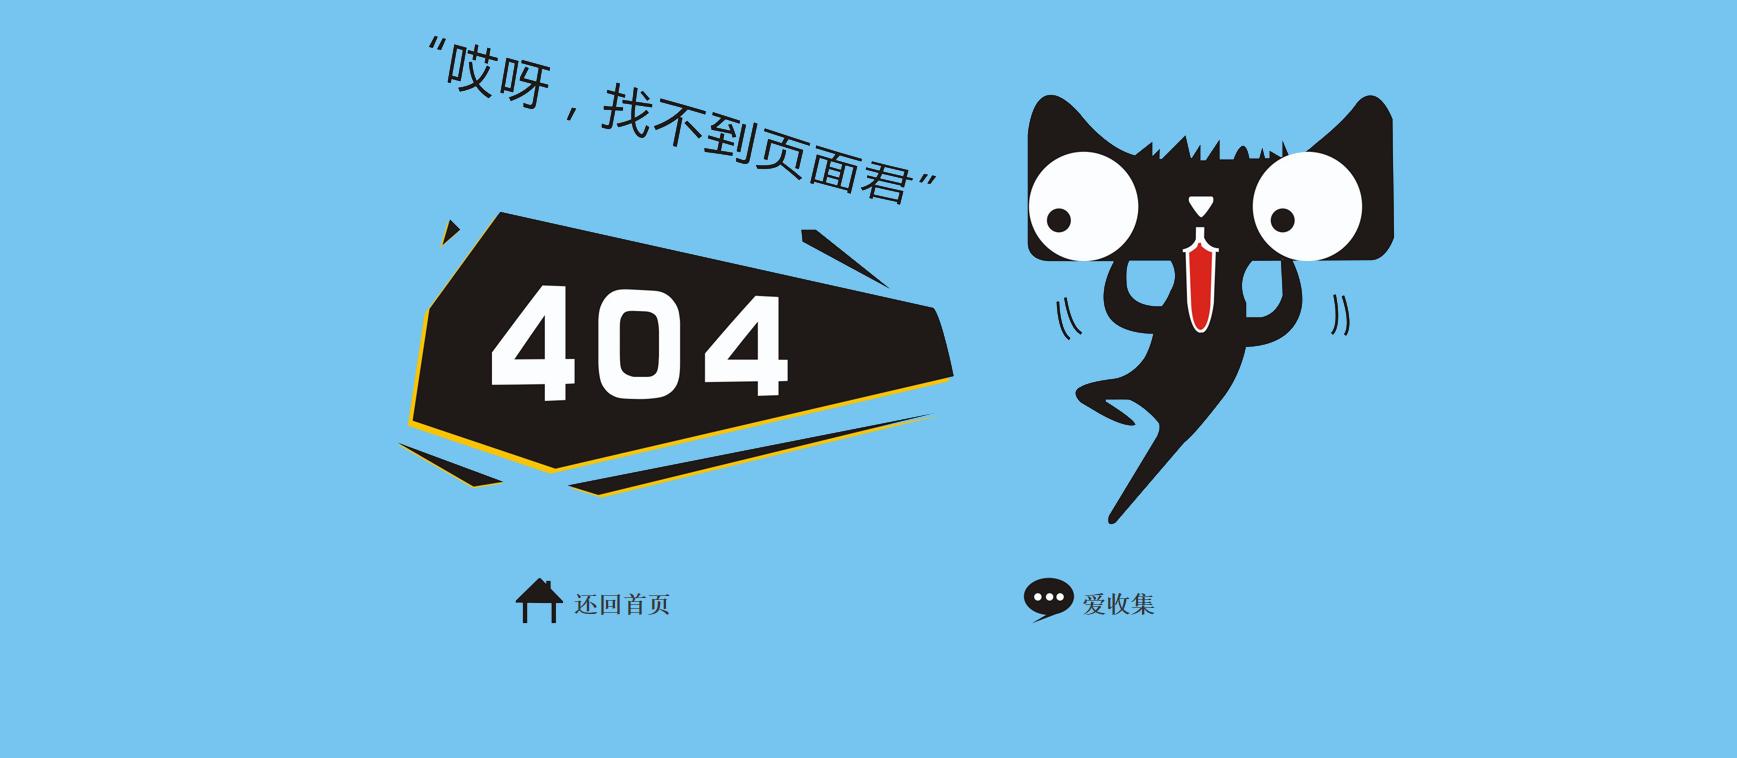 非常好看简单天猫404源码